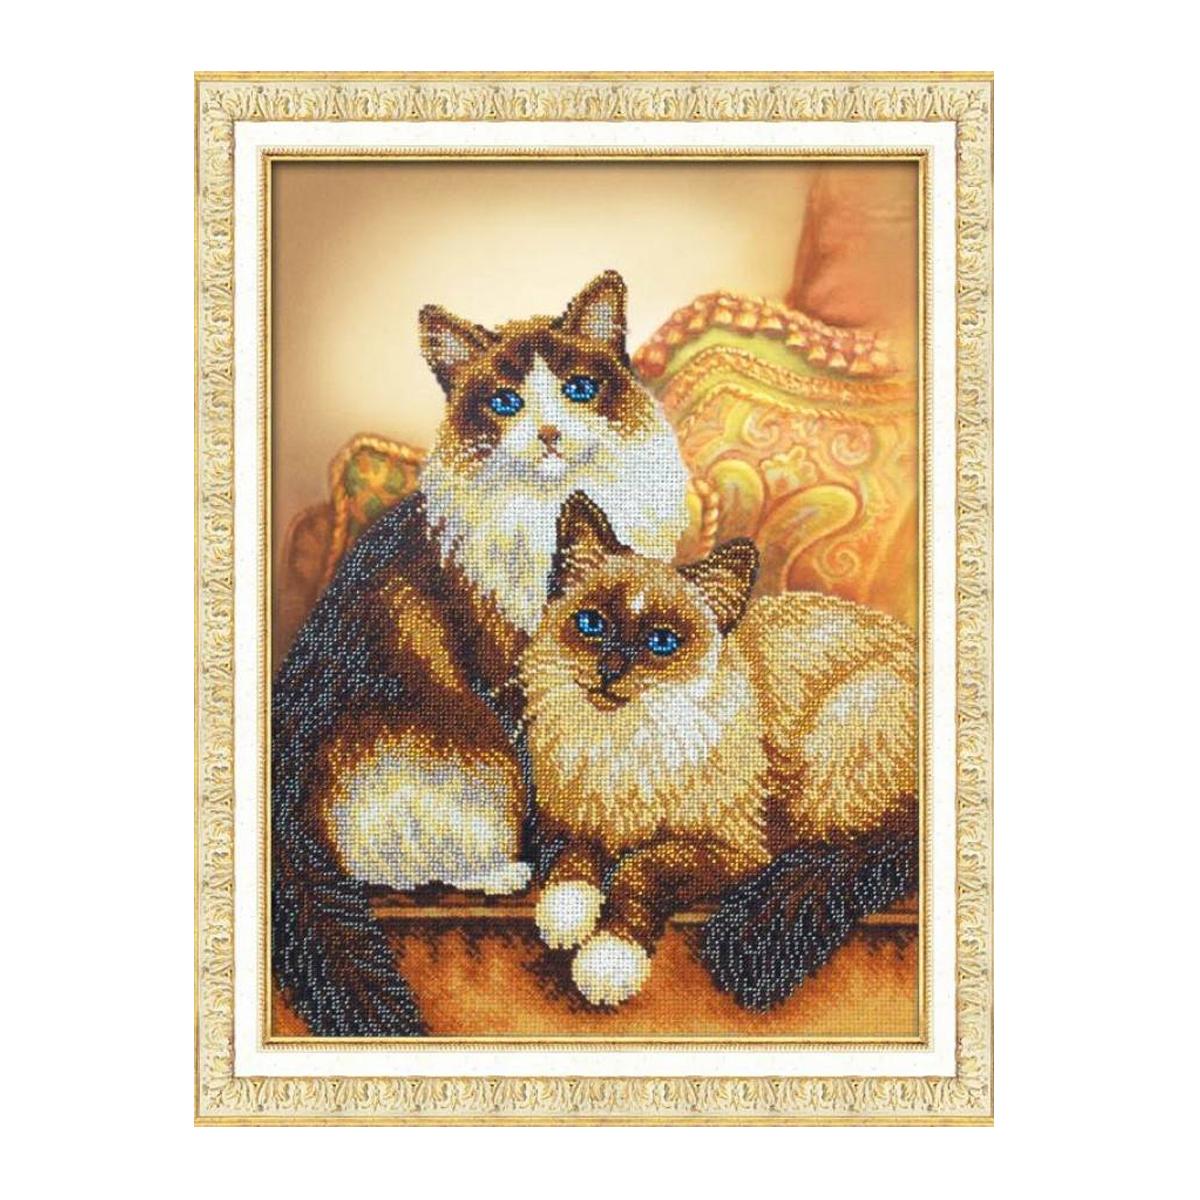 Набор для вышивания бисером Паутинка Котики, 28 см х 38 см. Б1429484249Состав набора: бисер Чехия - 18 цветов, льняная ткань с нанесенным рисунком, бисерная игла, подробная инструкция.